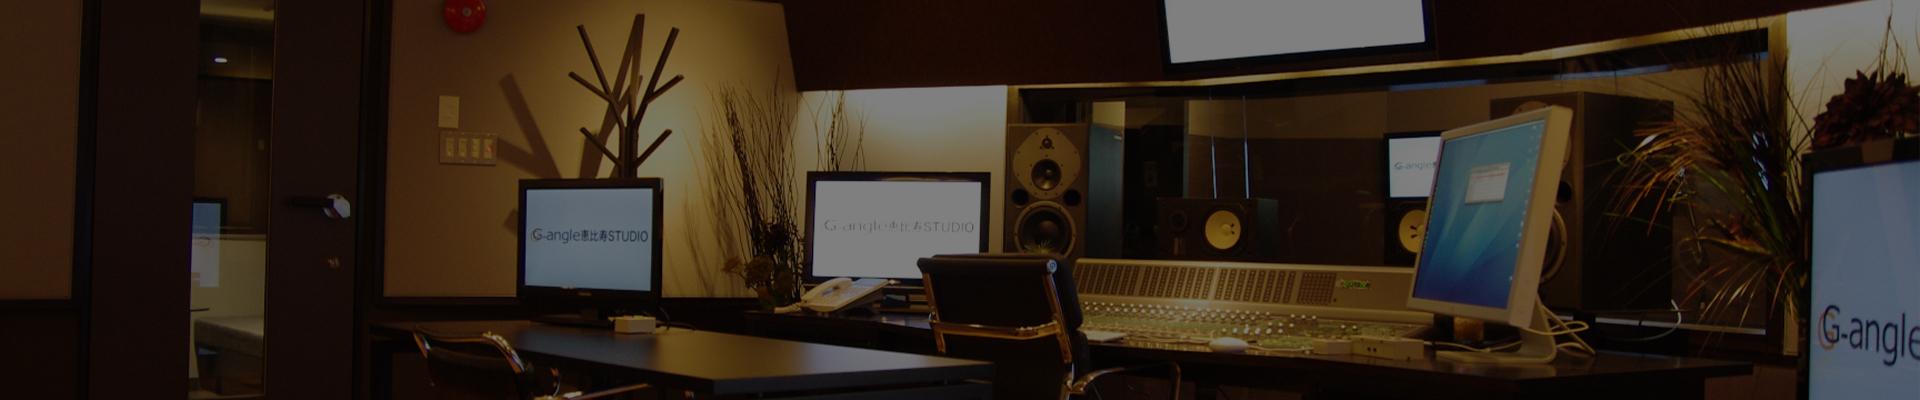 アフレコ・ナレーション収録「ジーアングル スタジオ」